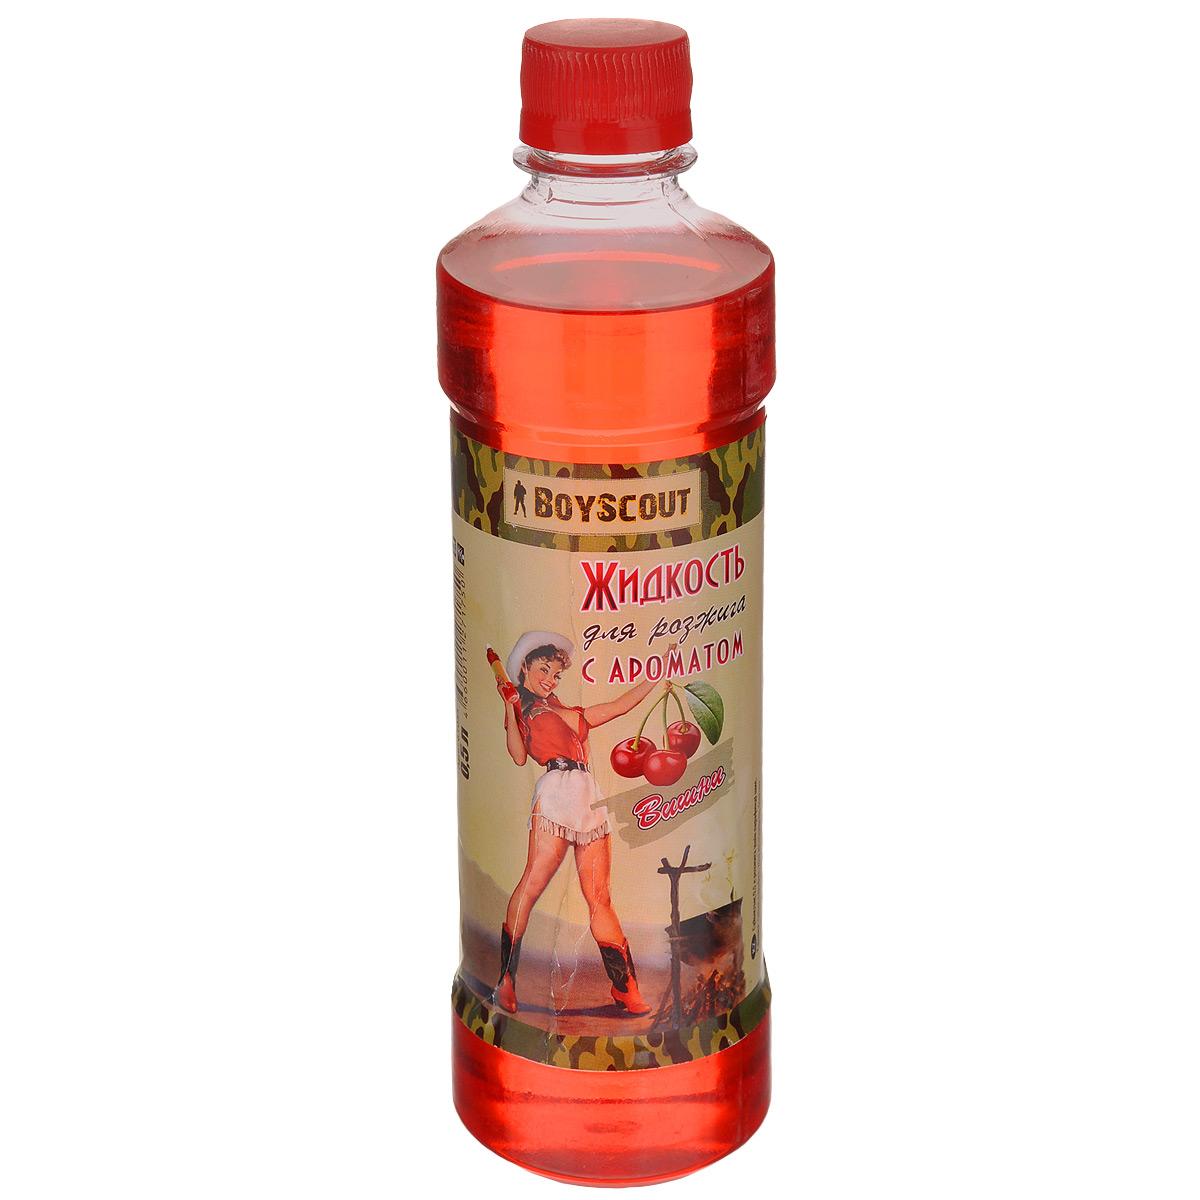 Жидкость для розжига Boyscout, парафиновая, с ароматом вишни, 500 мл61055Парафиновая жидкость Boyscout предназначена для розжига древесного угля, дров, топливных брикетов. Имеет приятный аромат. Жидкость разгорается спокойным равномерным огнем, не вспыхивая.